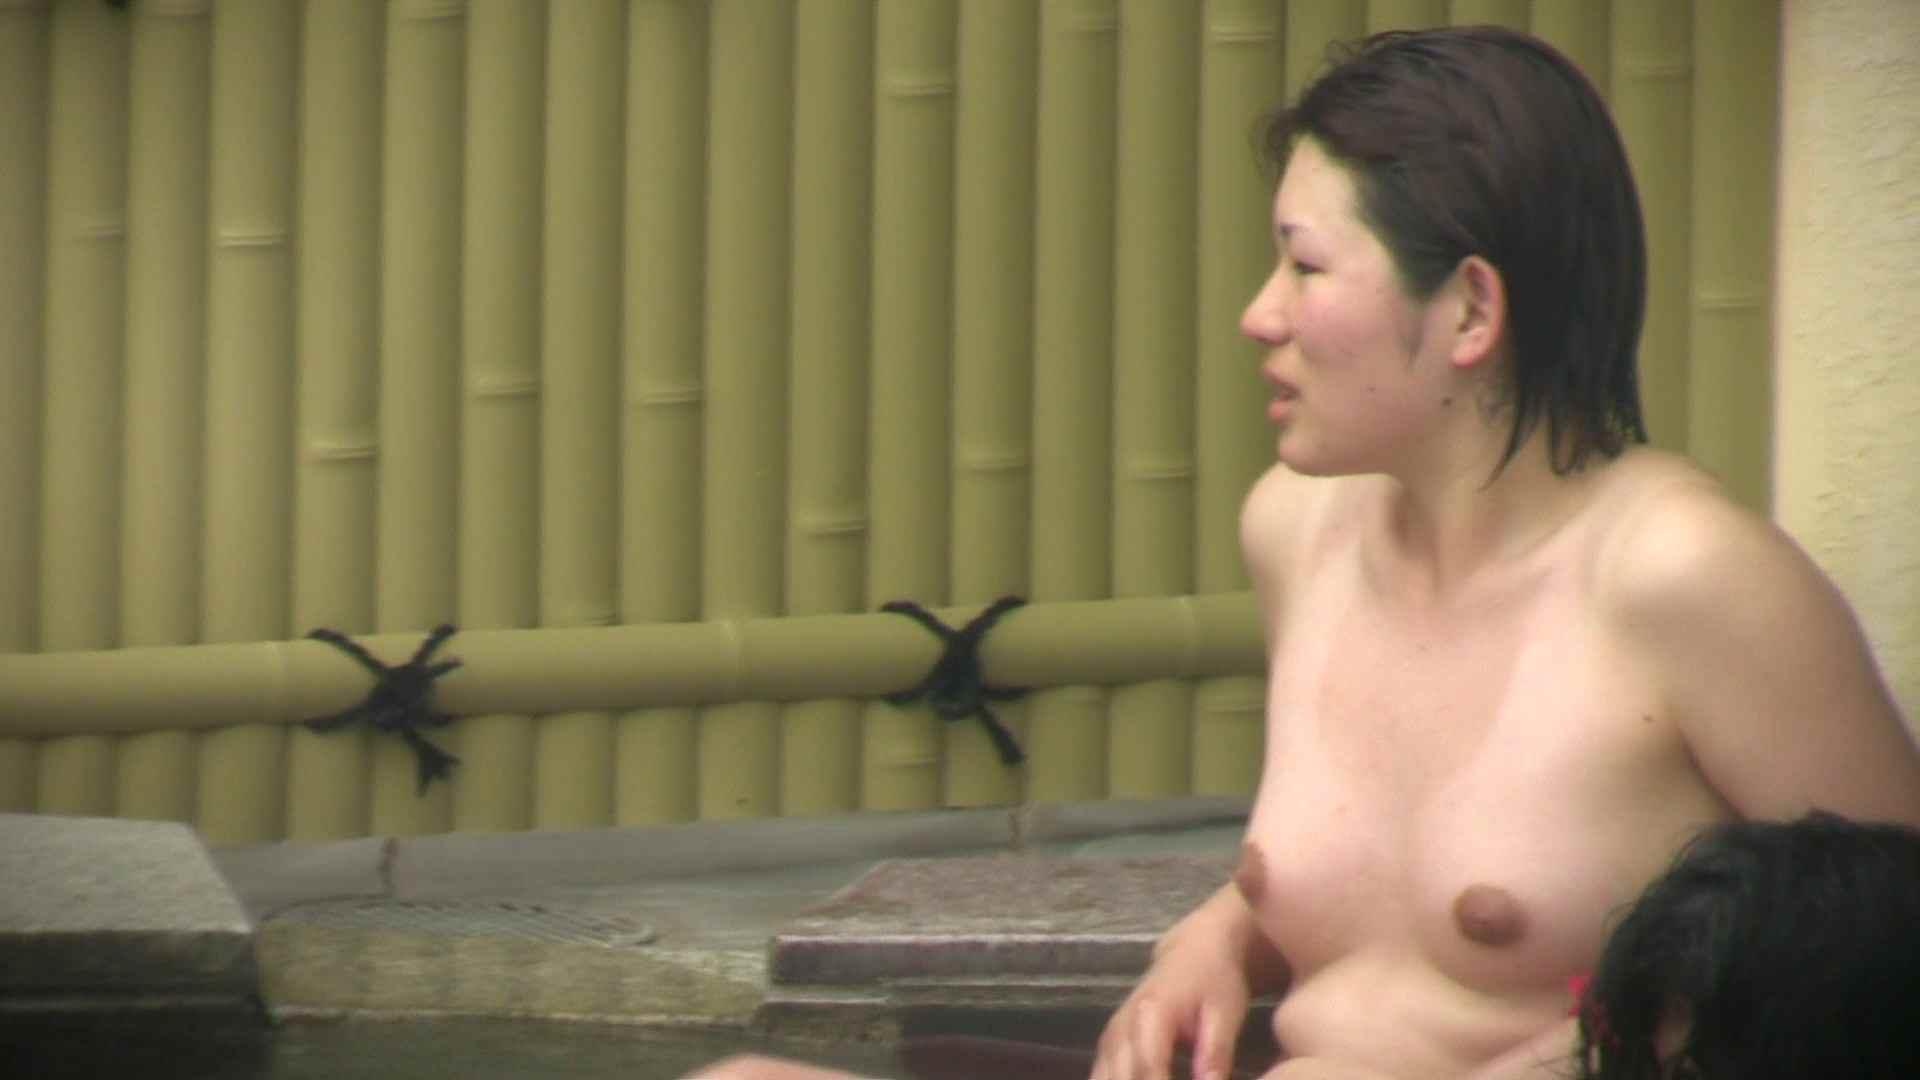 Aquaな露天風呂Vol.673 0   0  91pic 3